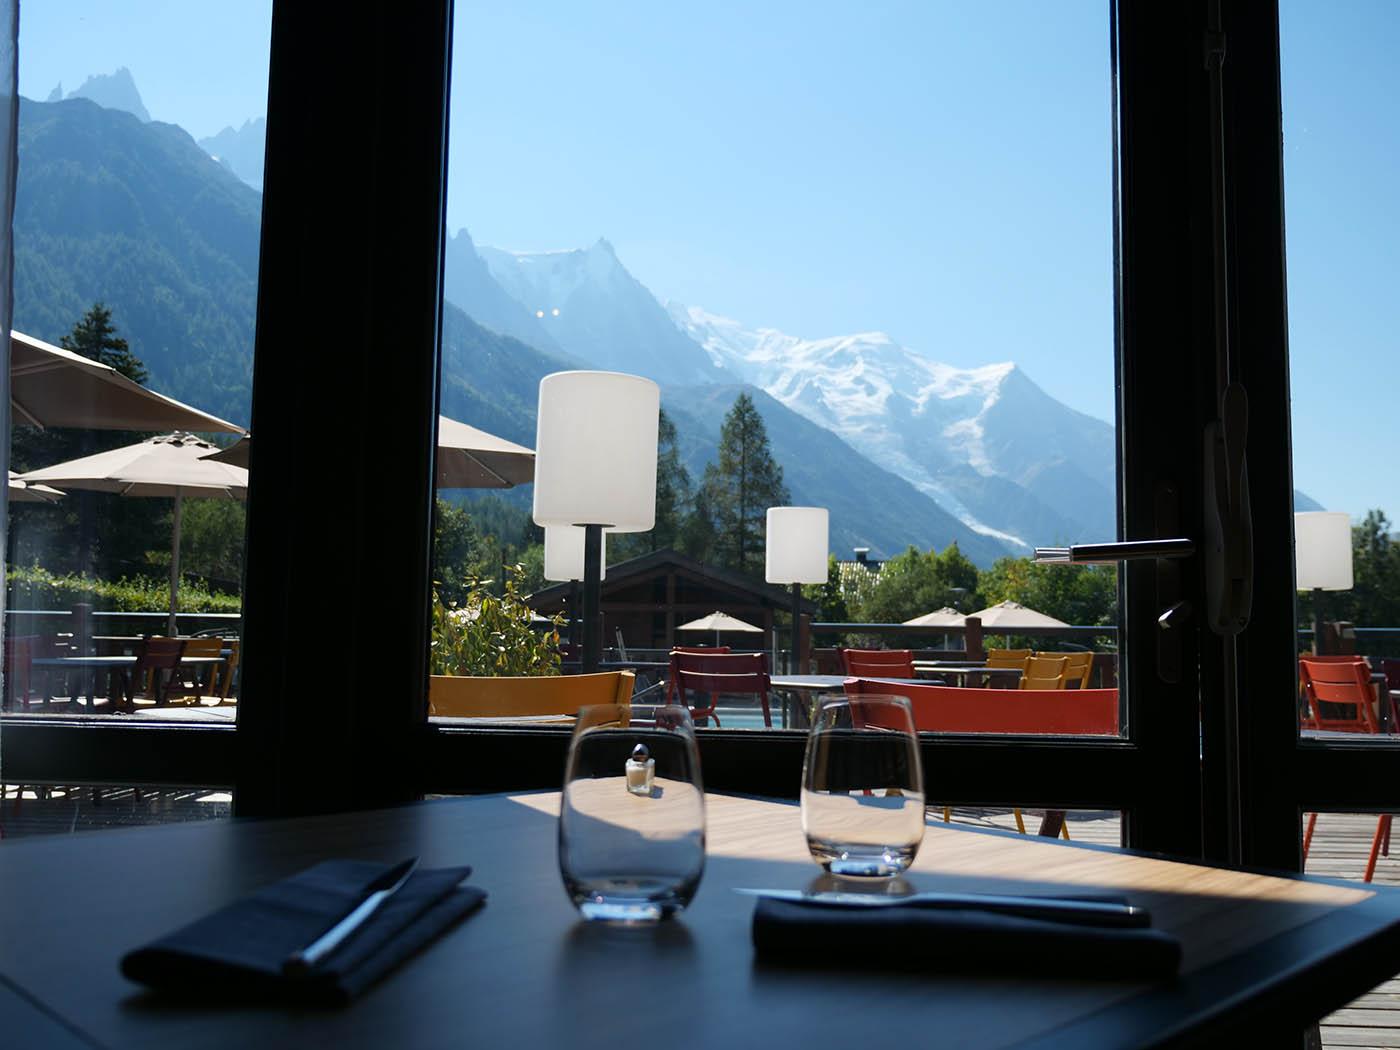 Hotel Chamonix best western restaurant